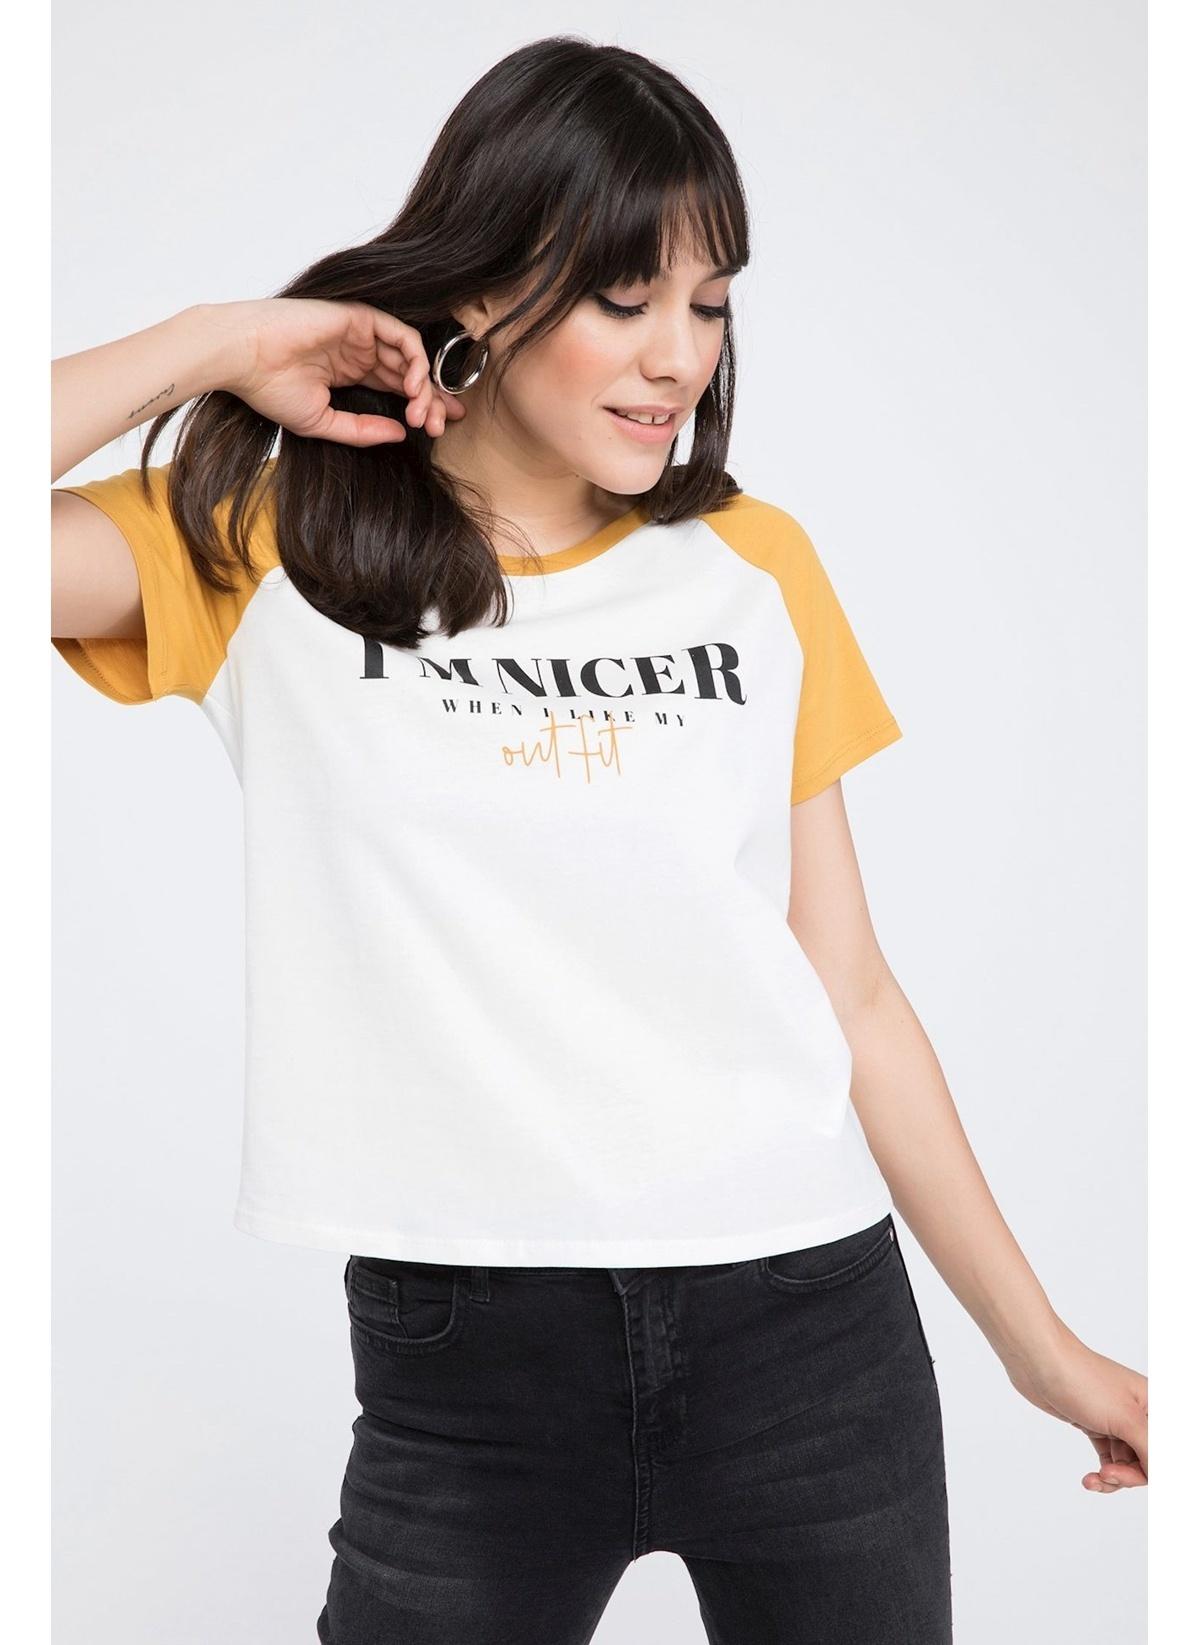 Defacto Renk Bloklu Slogan Baskılı Kısa Kollu T-shirt K5747az19spbg144t-shirt – 19.99 TL